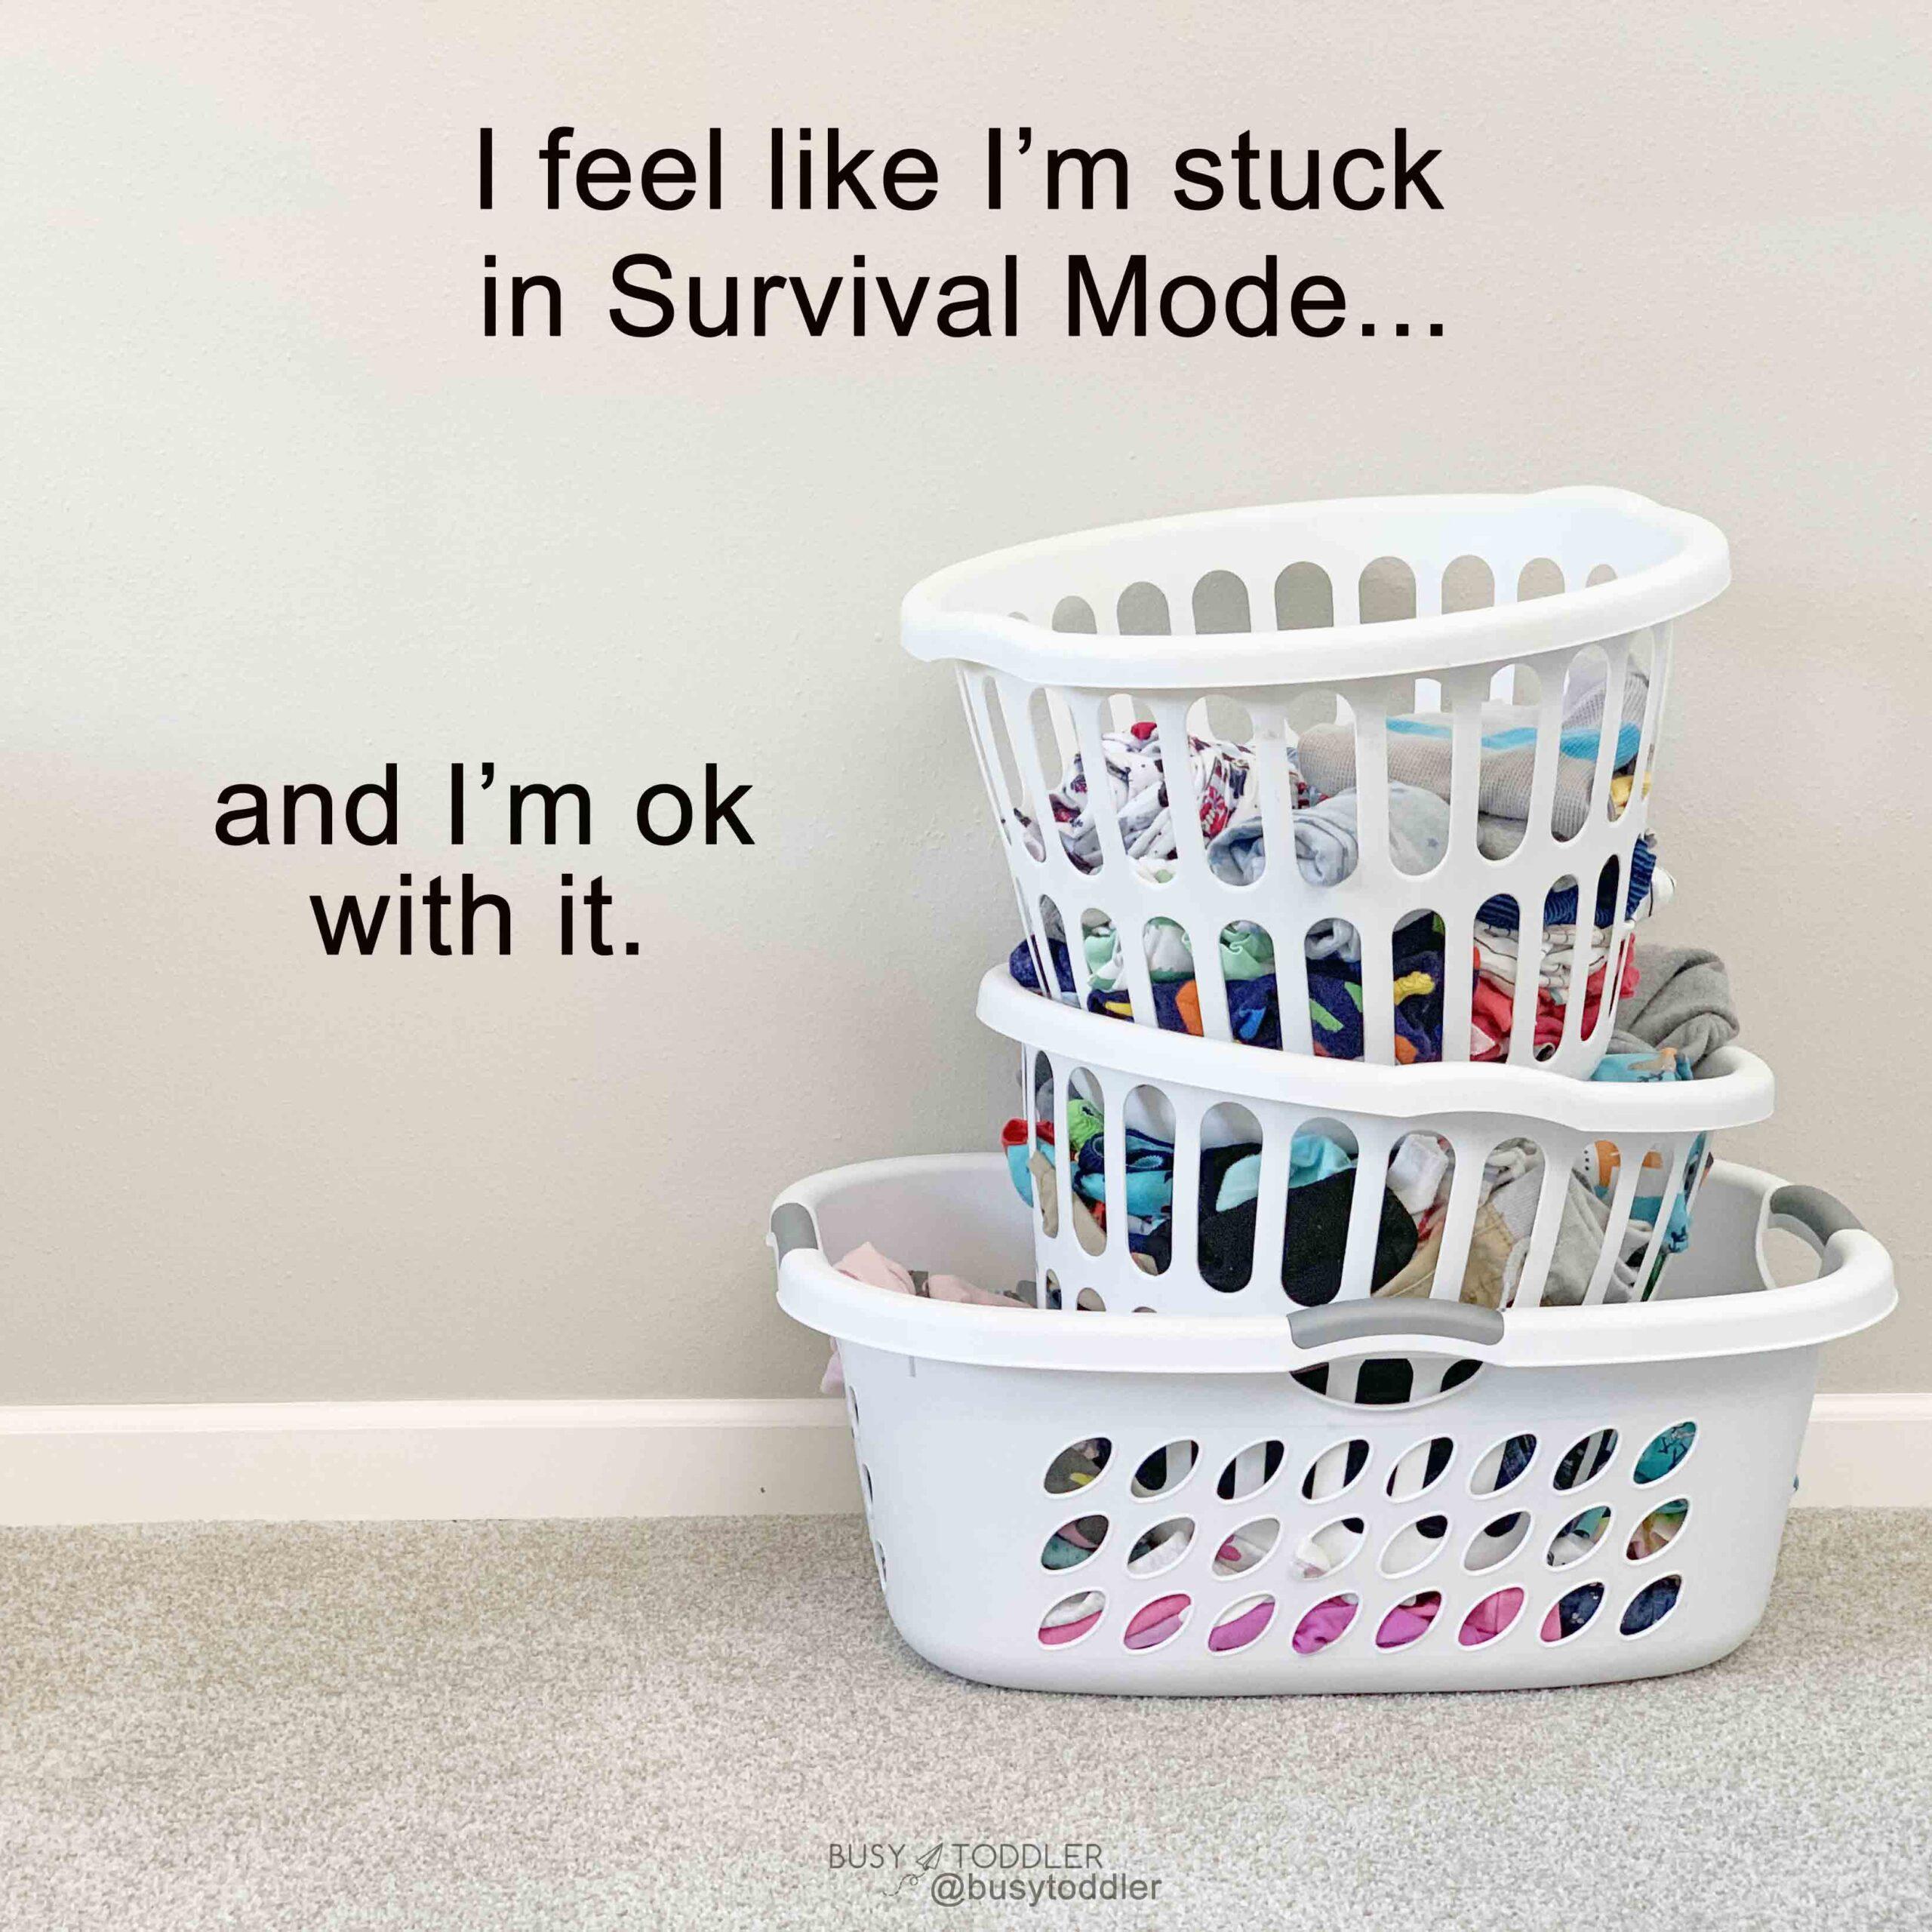 A laundry basket and text describing surival mode